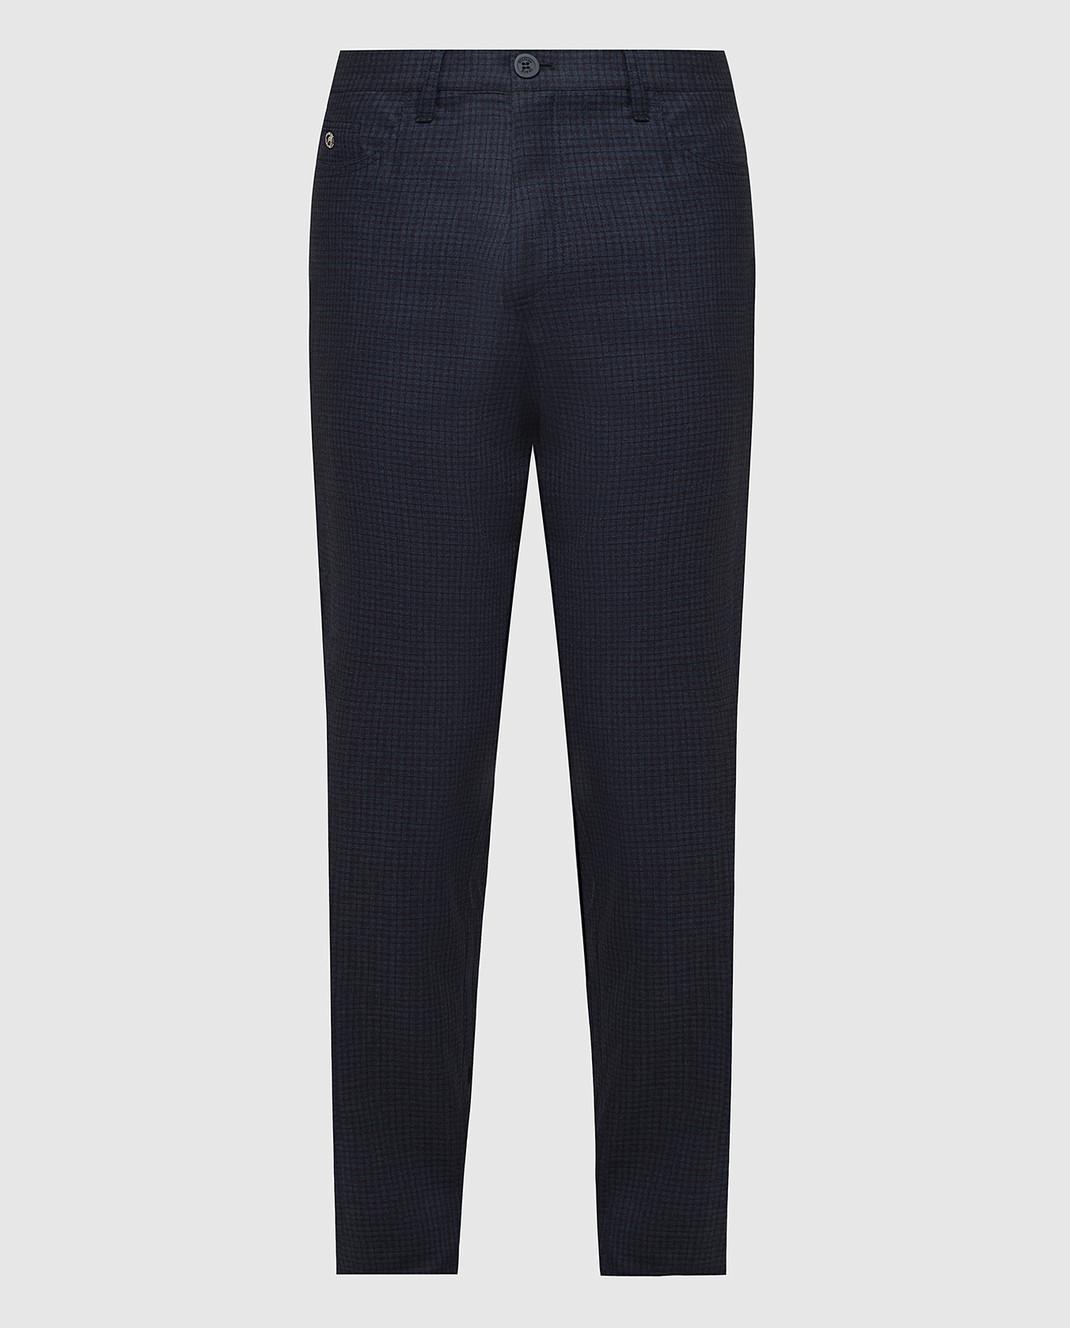 Stefano Ricci Темно-синие брюки из шерсти изображение 1